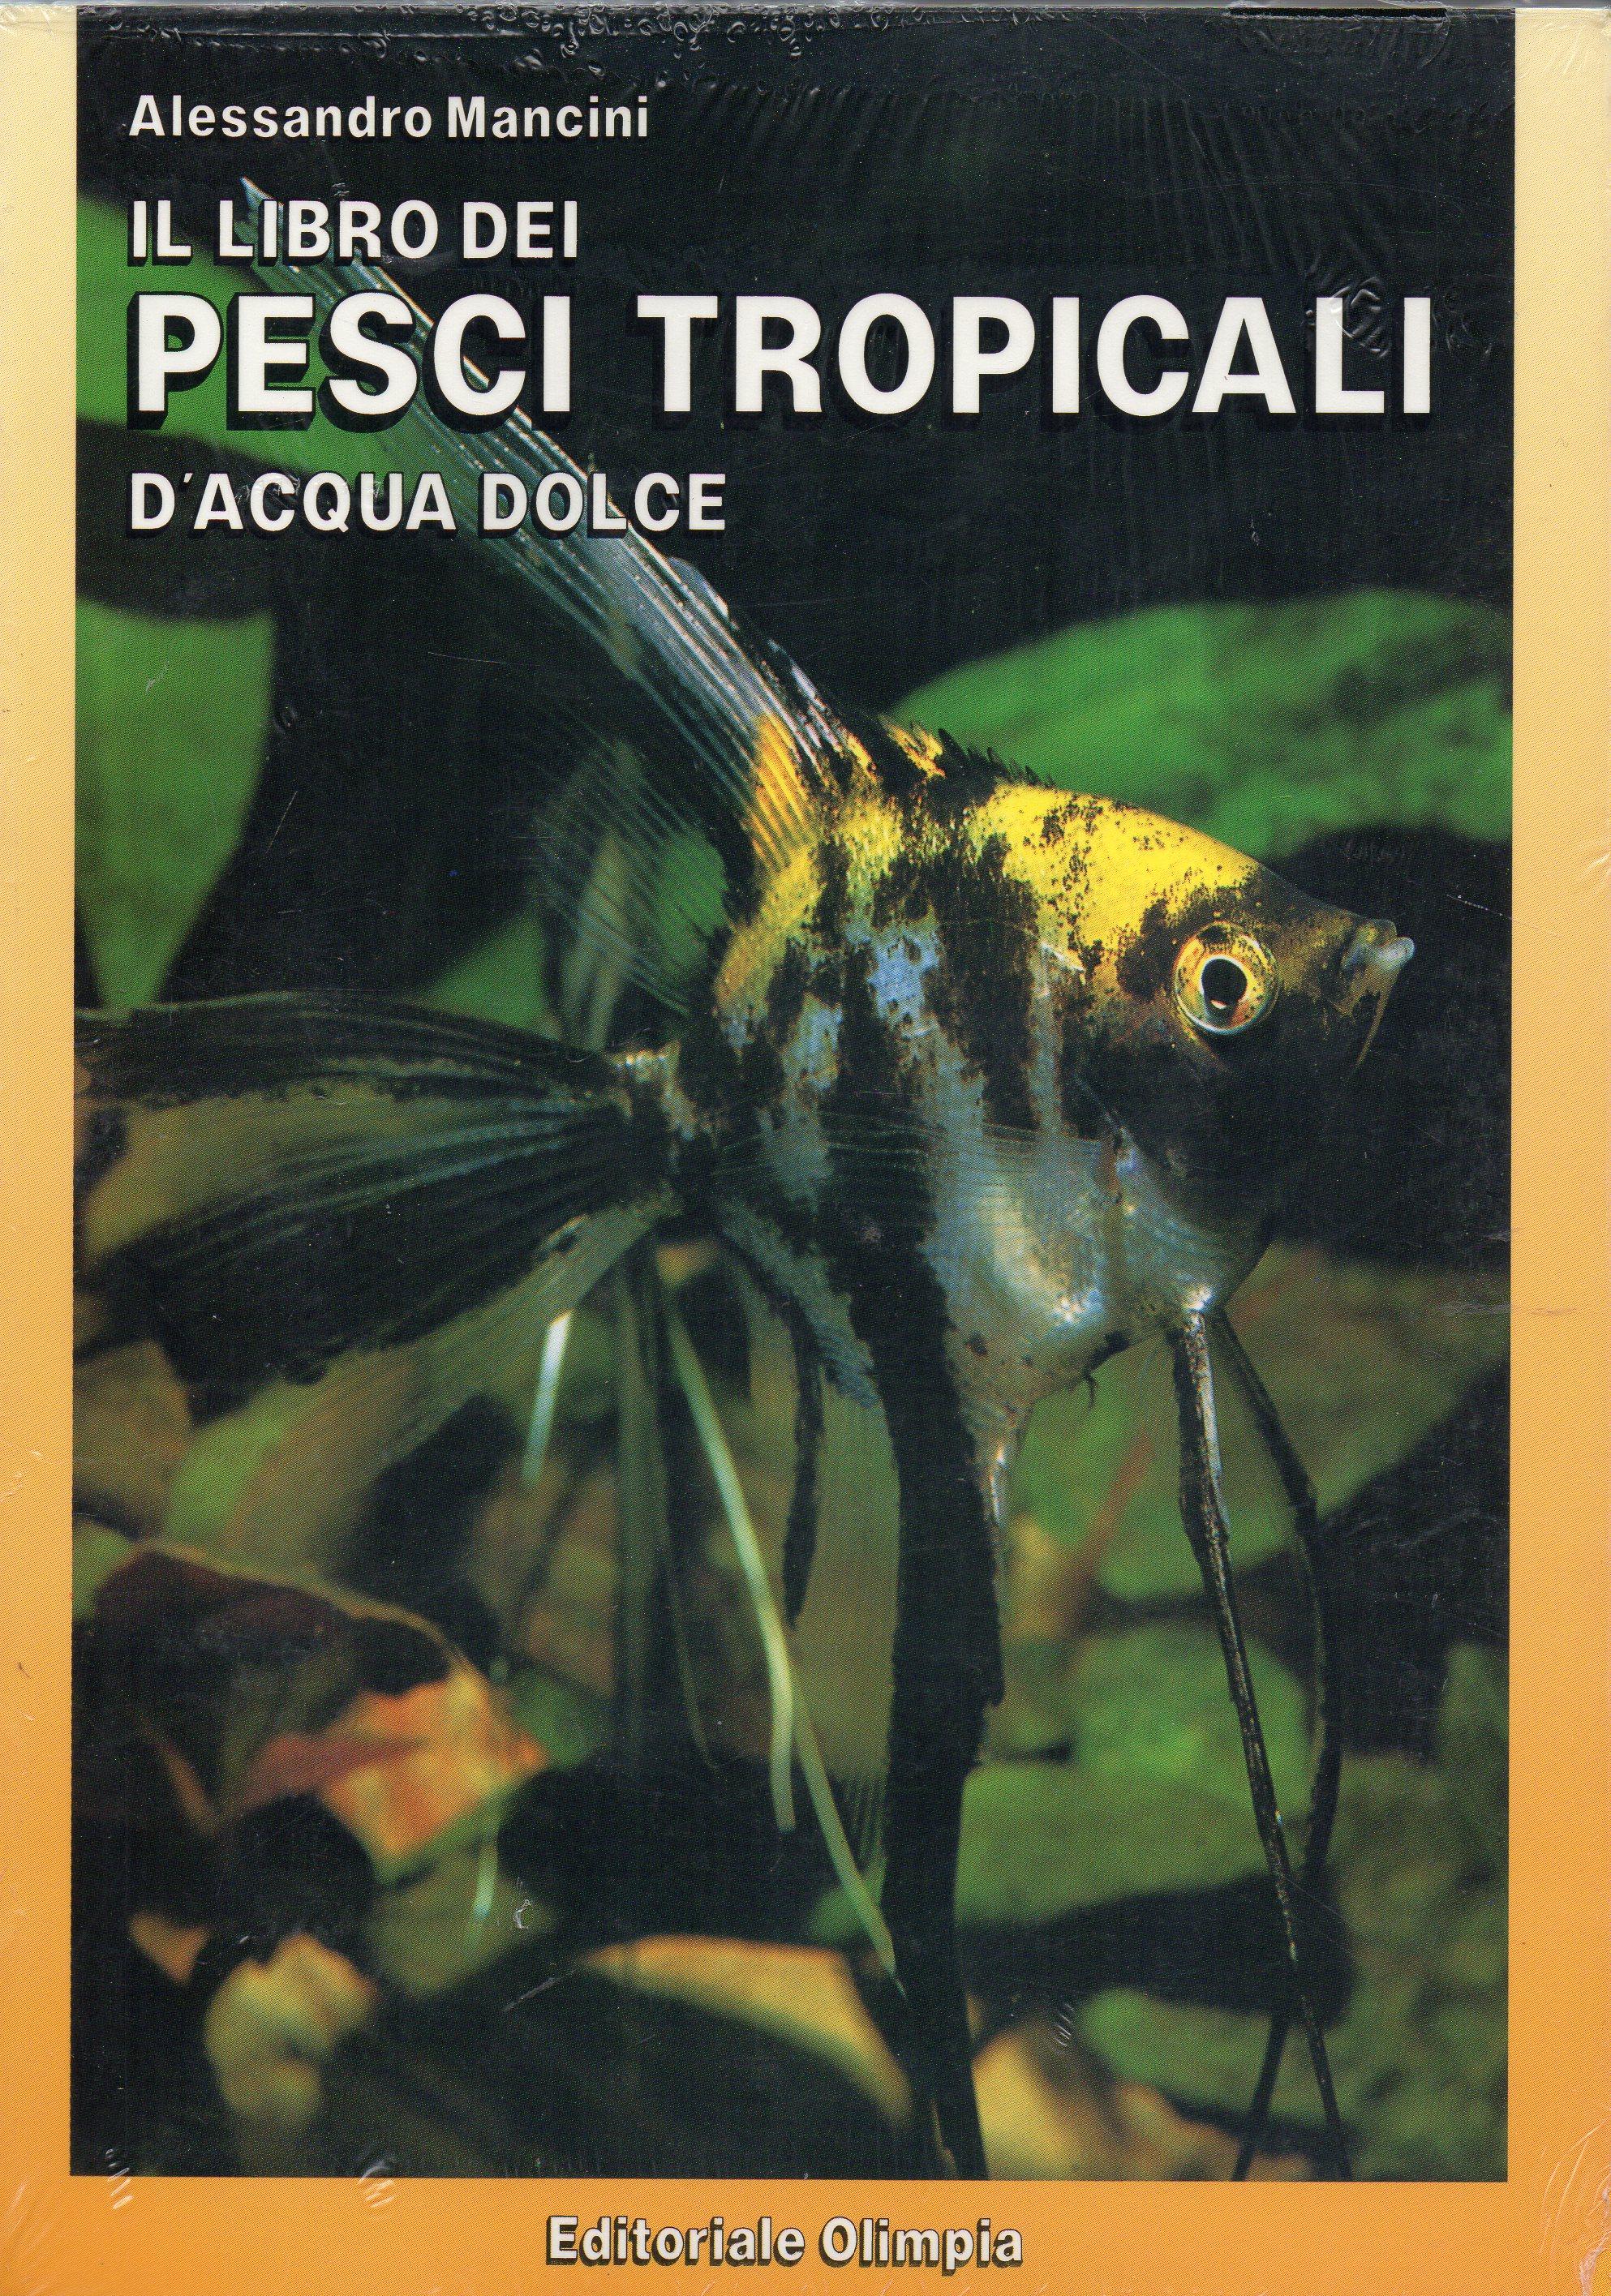 Acquariologia acquariofilia pesci il libro dei pesci for Pesci tropicali acqua dolce